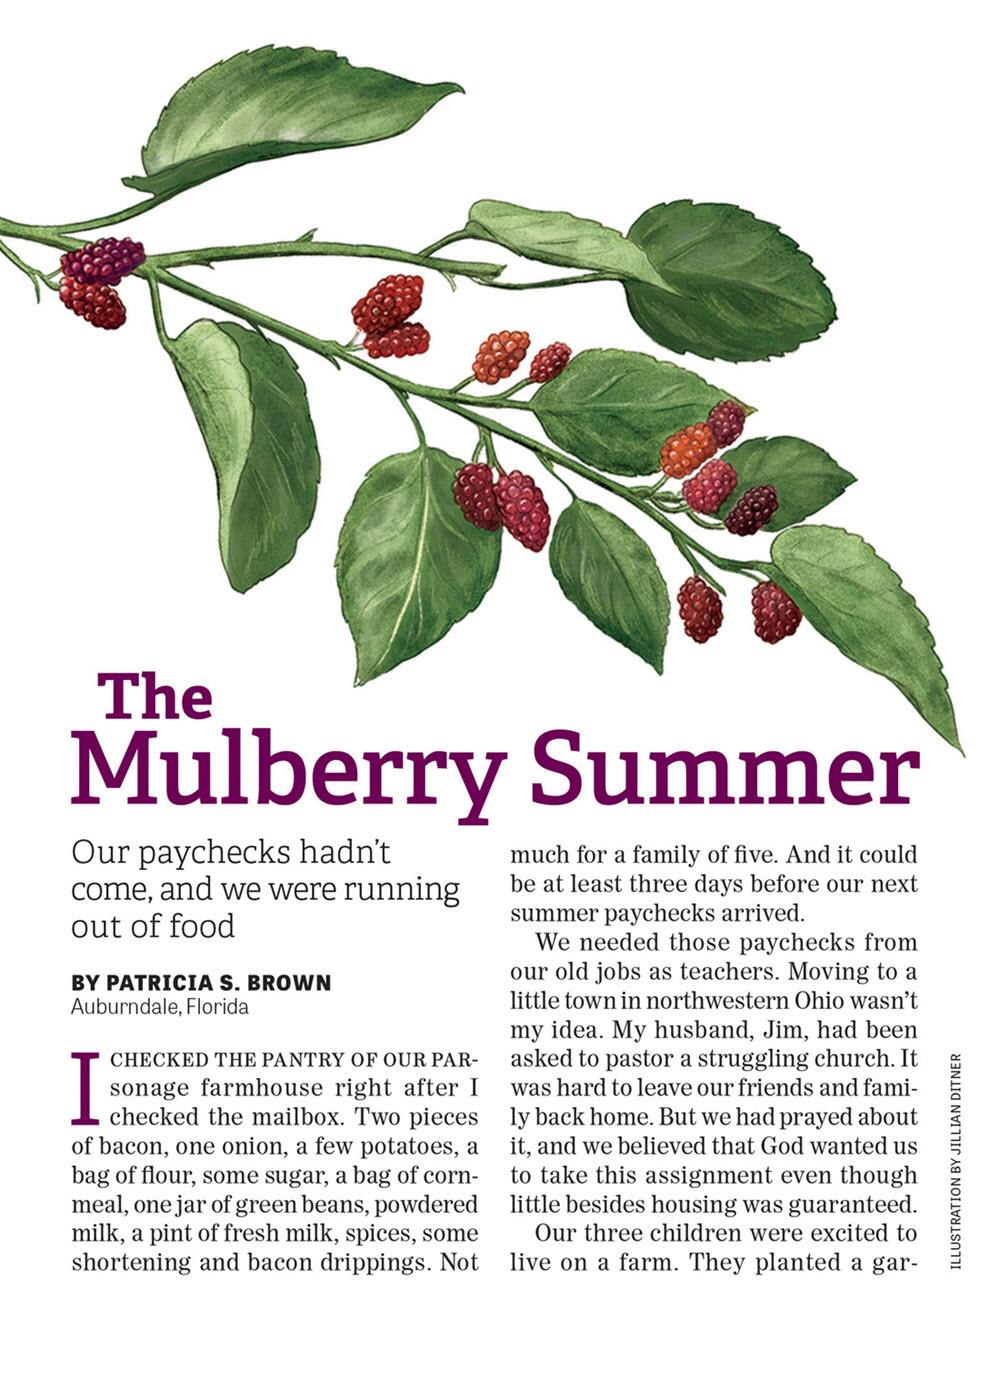 Mulberry Summer - JD462a